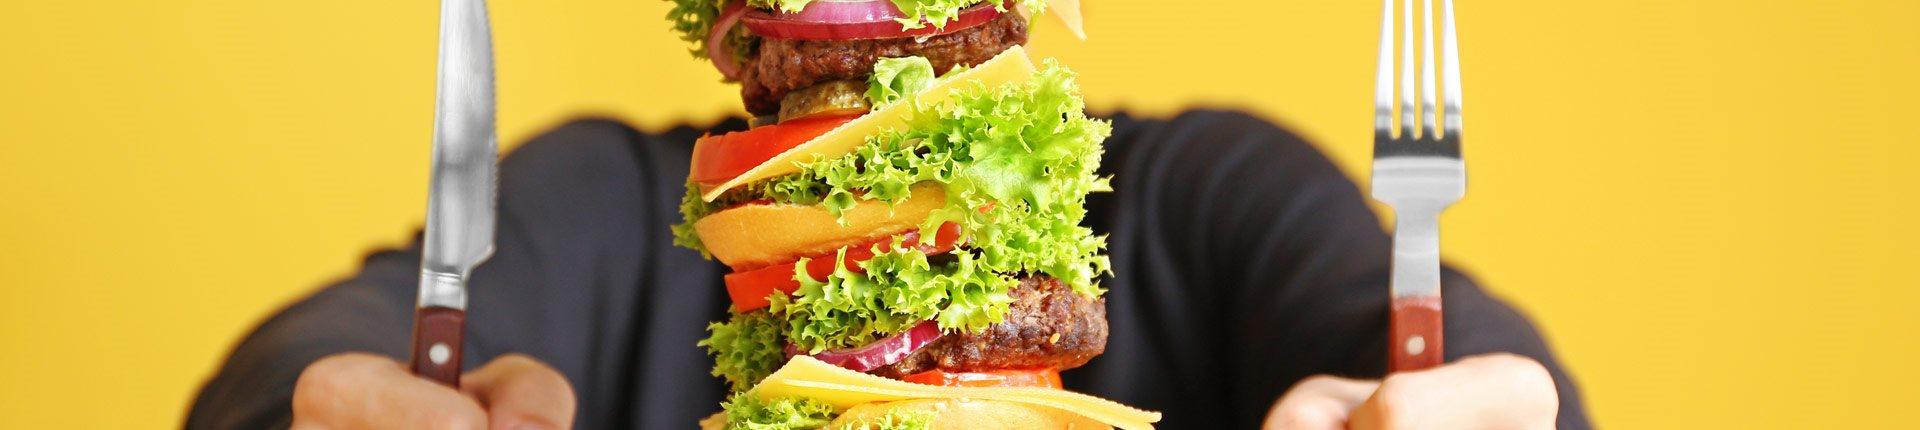 Czy można jeść tylko jeden posiłek dziennie? Dieta OMAD i wpływ na zdrowie